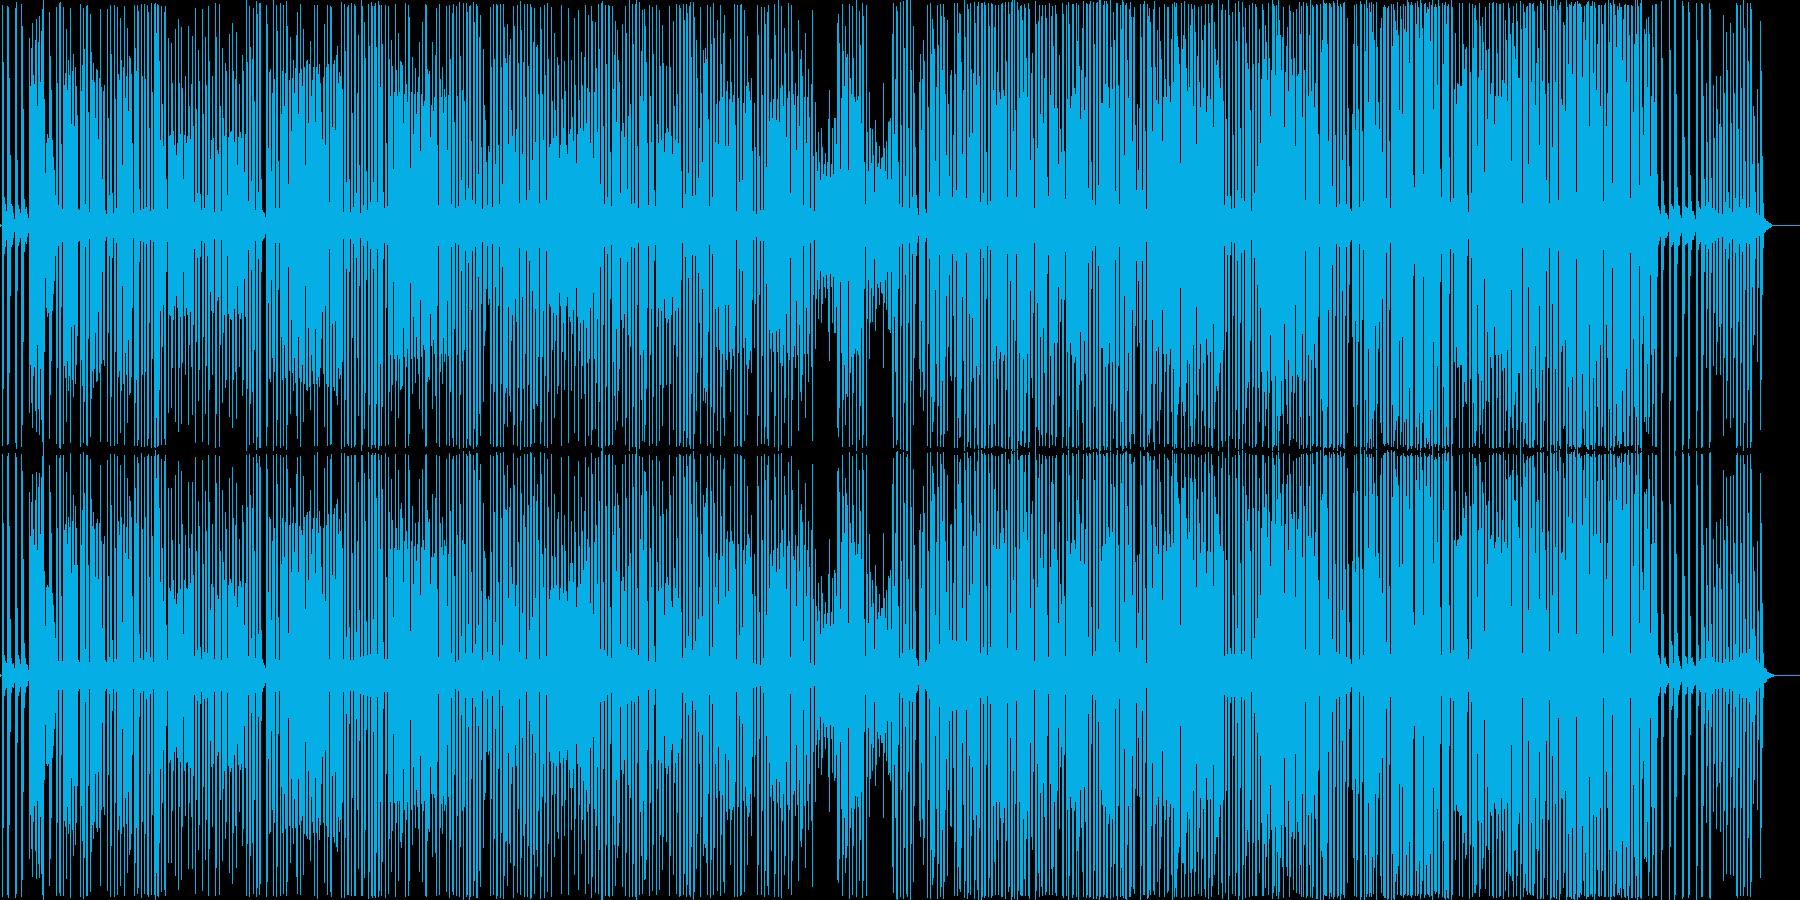 シンプルだけど楽しげなピコピコラグタイムの再生済みの波形